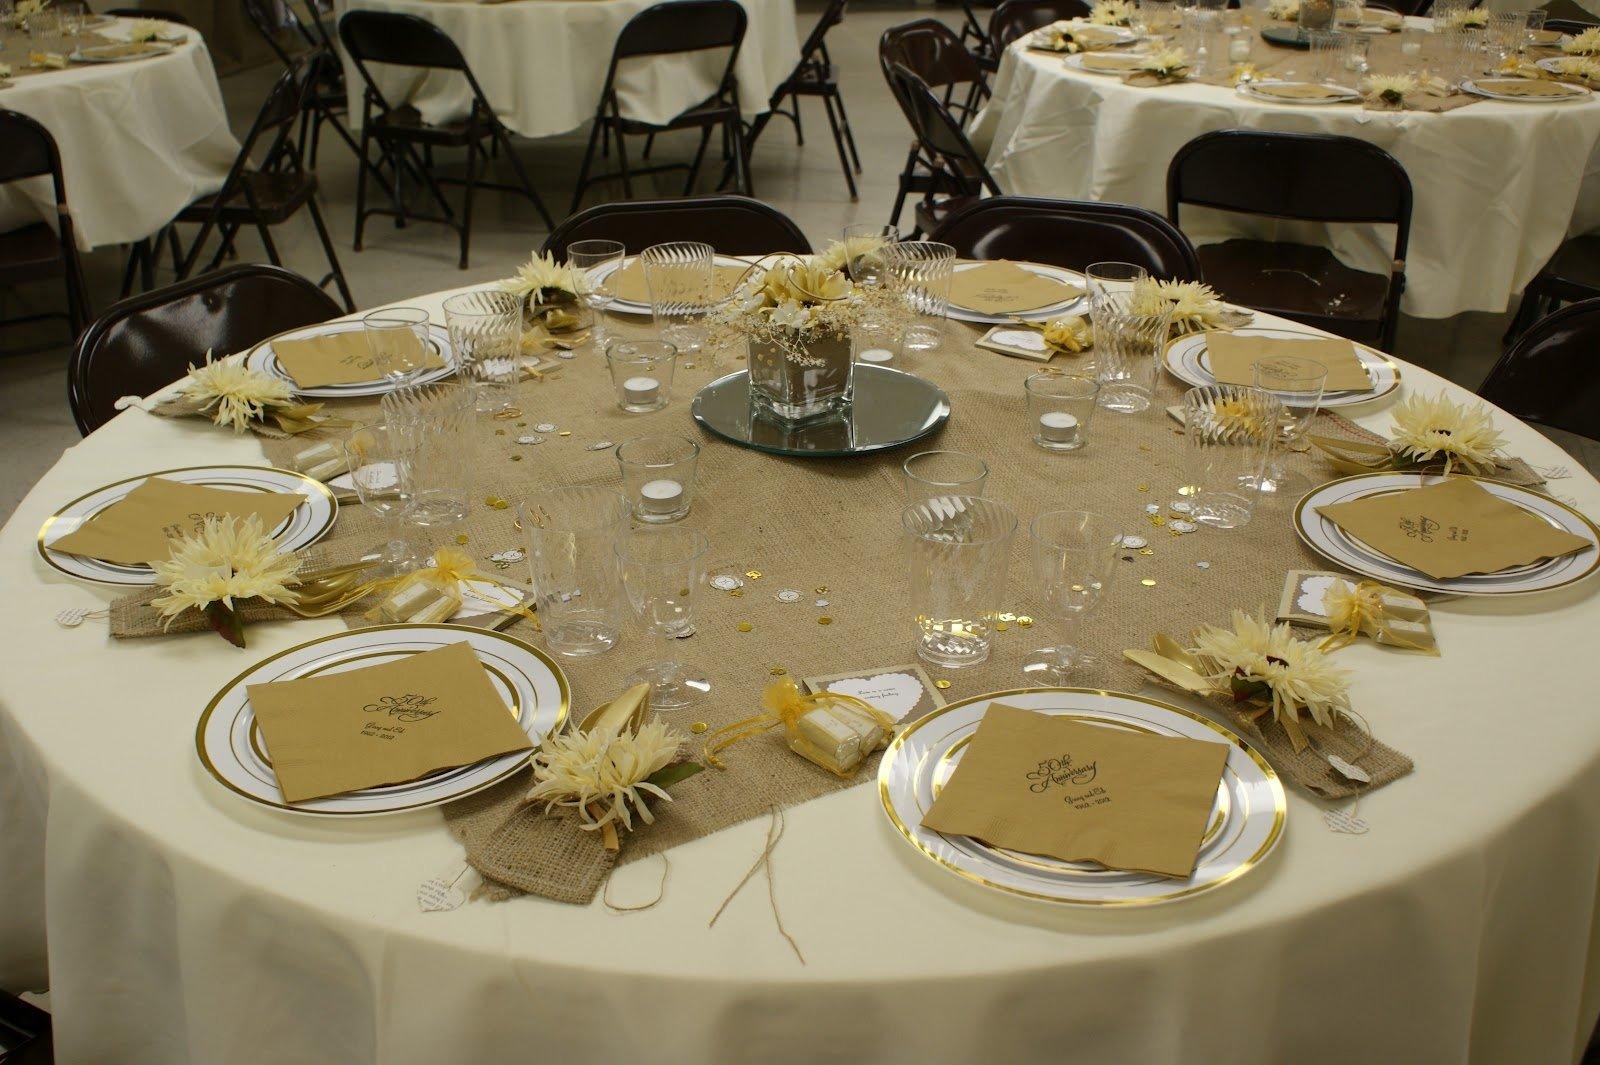 10 Wonderful Wedding Anniversary Ideas On A Budget 50th wedding anniversary party ideas supplies low budget 50th 1 2020